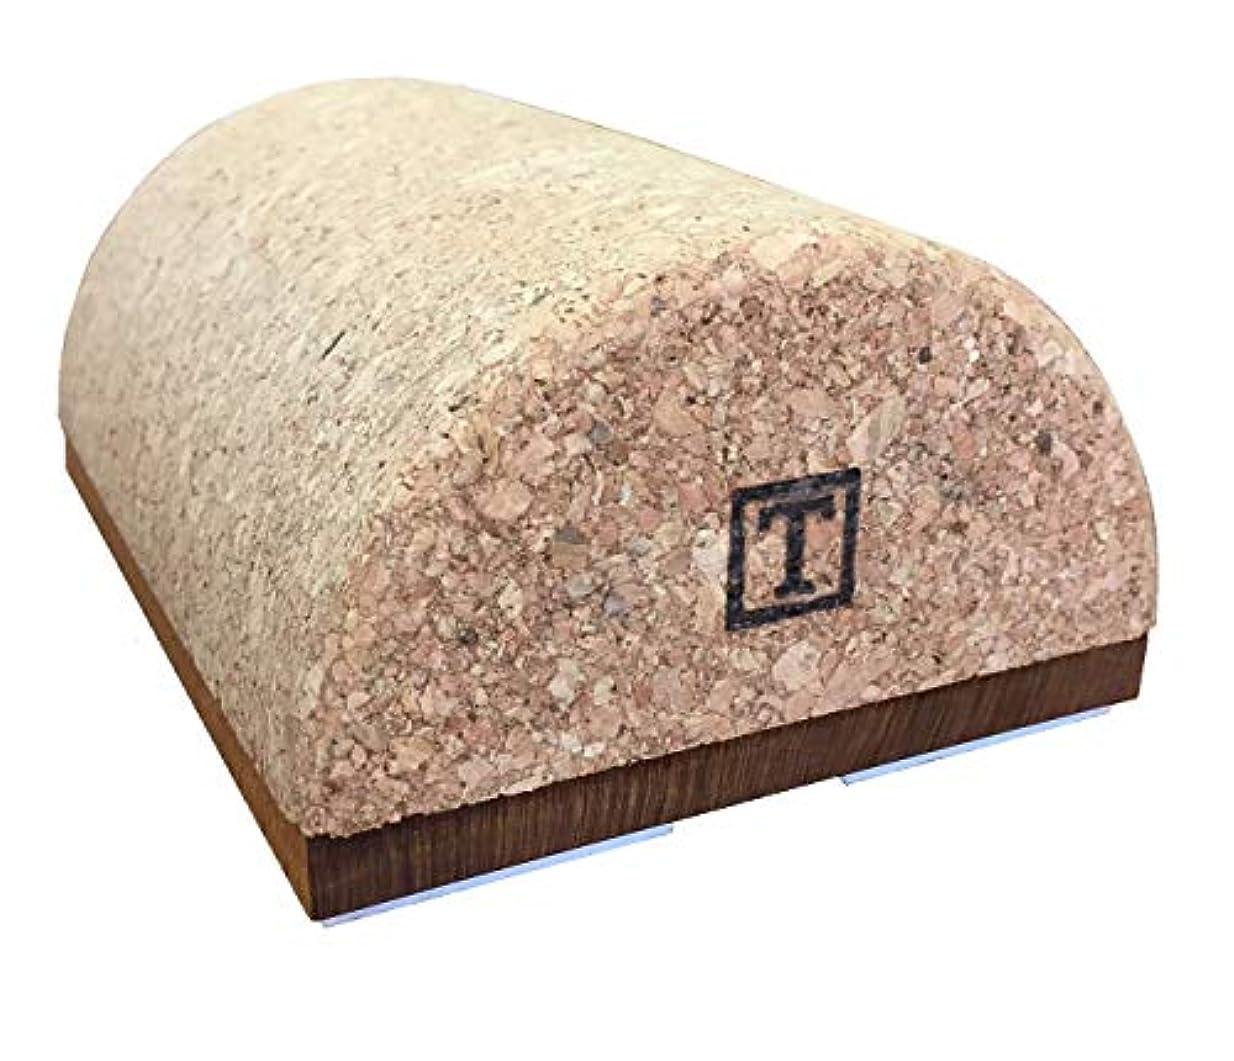 安全な配管工祭り揉みの木シリーズ マルチタイプ -腰 肩甲骨周辺 わき 骨盤 殿筋 ふくらはぎなどのコリや疲労に-